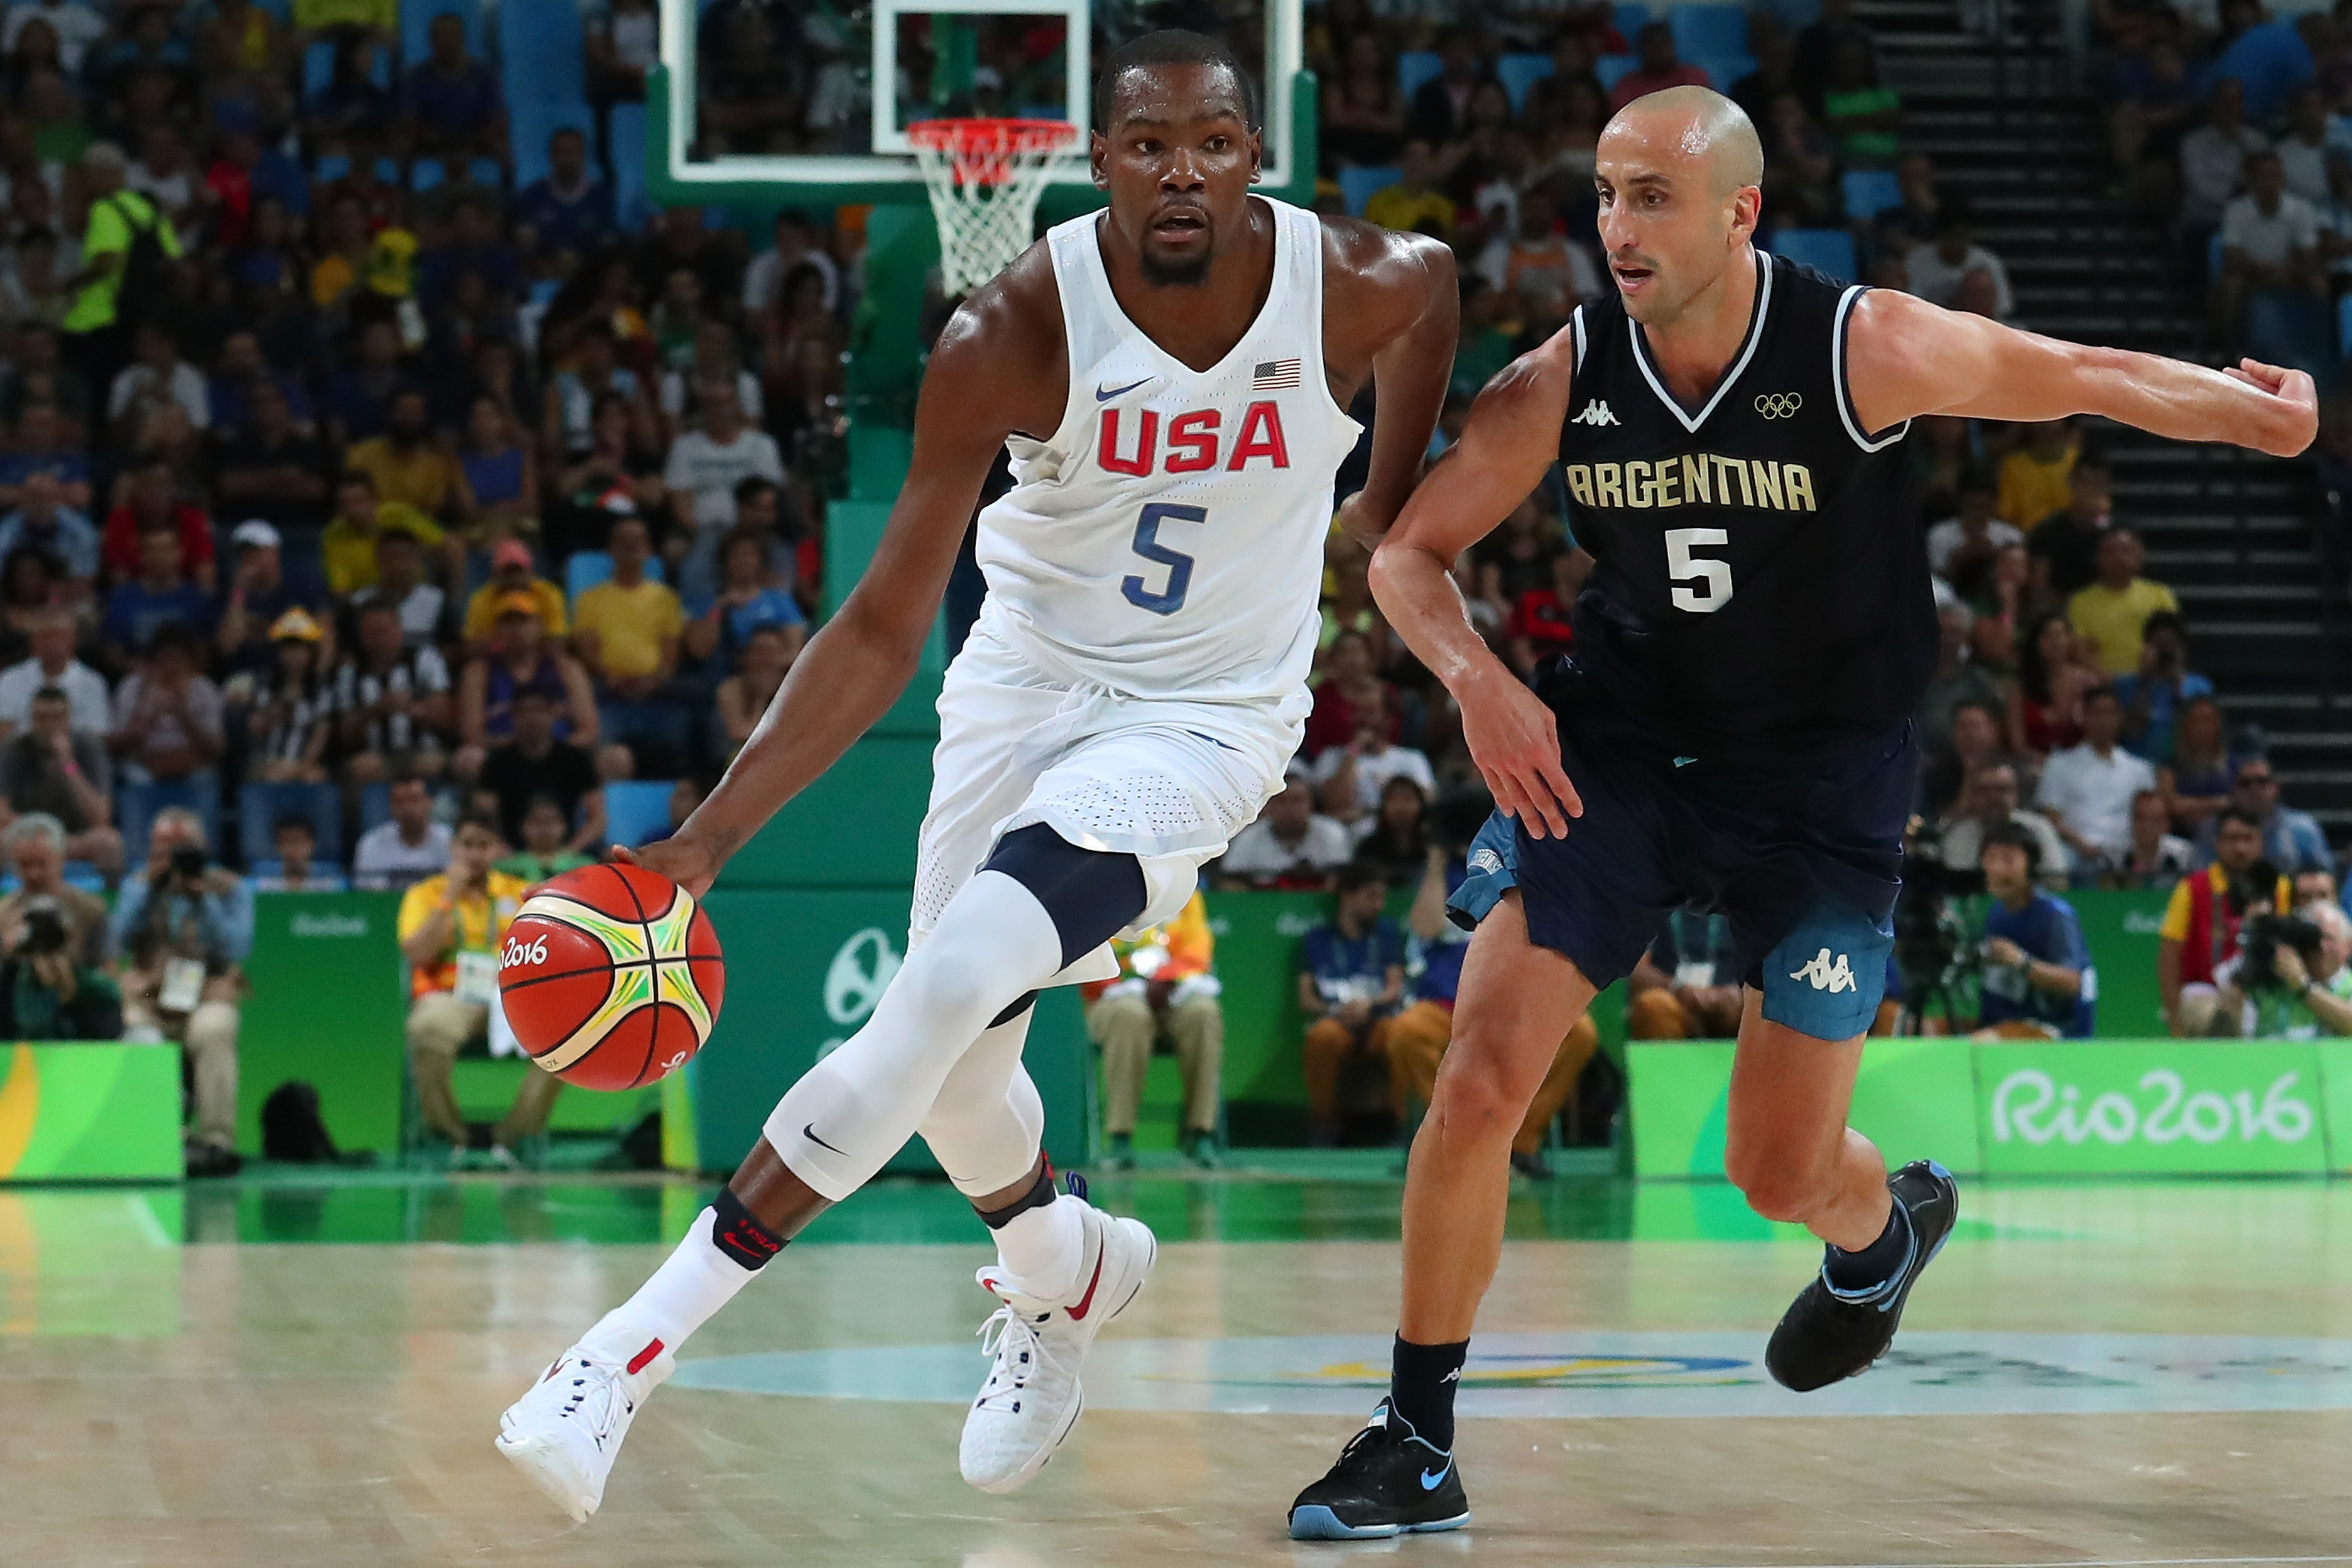 «Этой команде скучно»: как американские баскетболисты отдыхали во время Игр. Парни случайно набрели на публичный дом